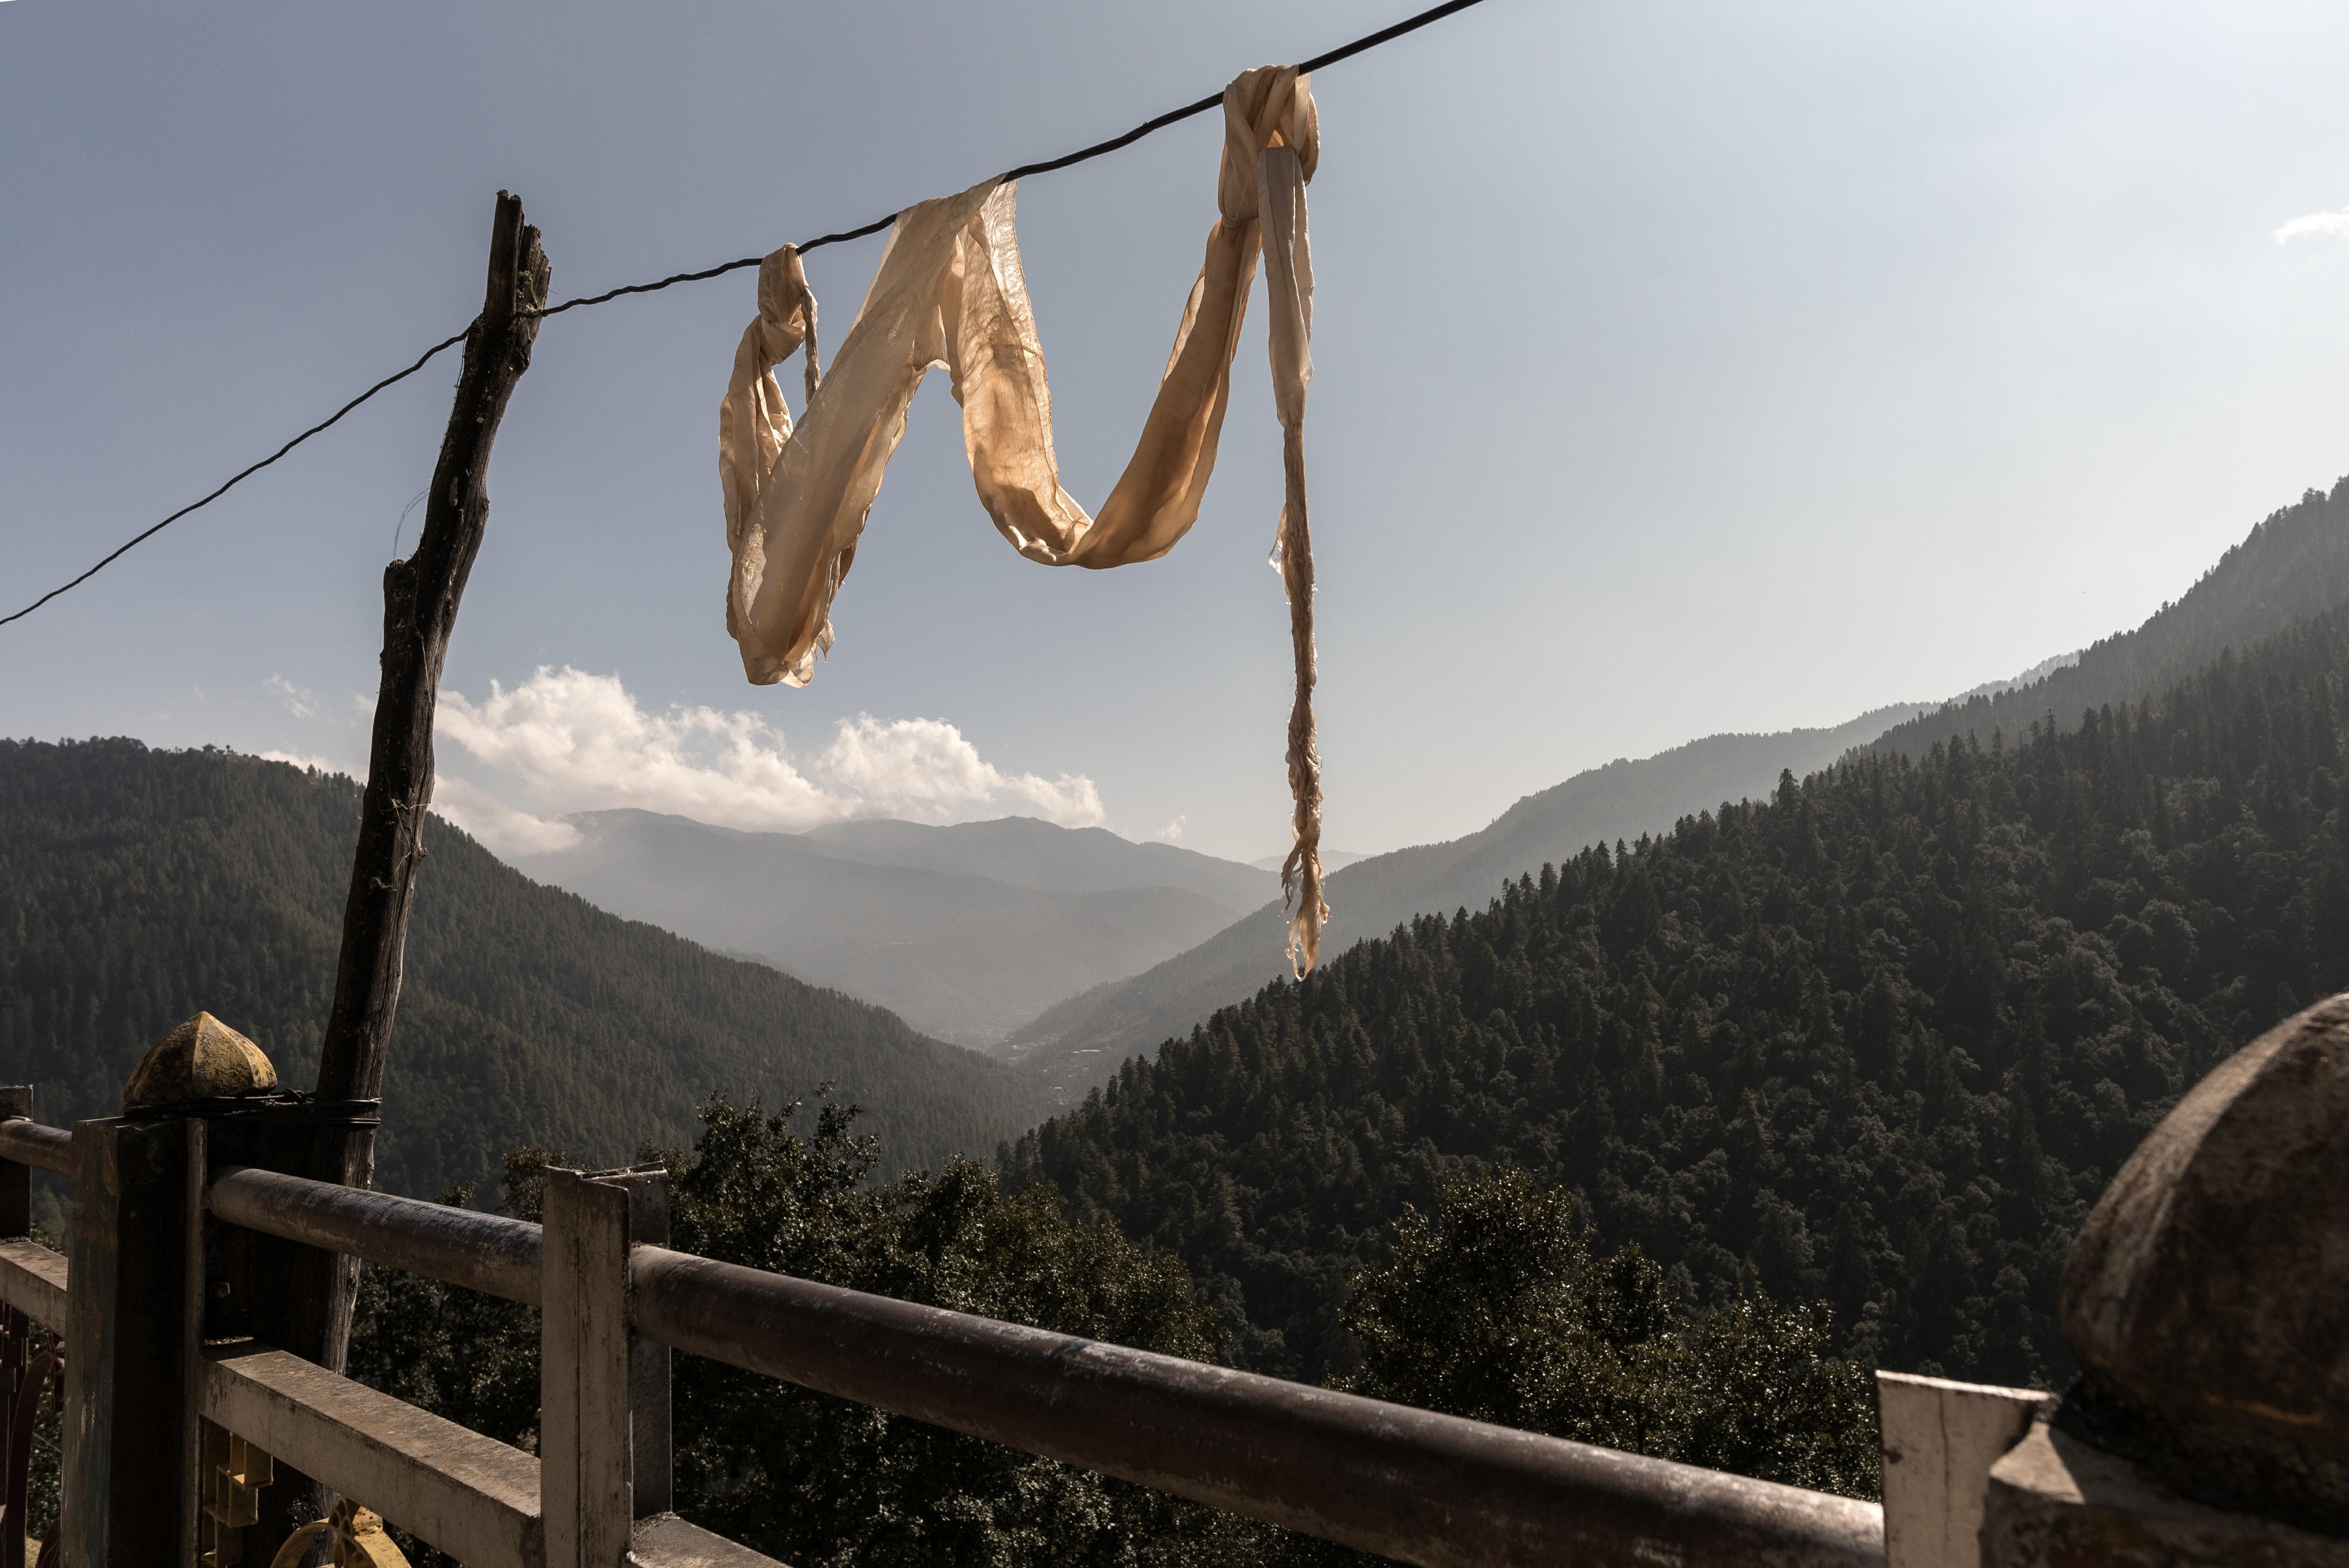 Desde los exteriores del Monasterio de Cheri, al que se llega después de una caminata de una hora, se observan los majestuosos Himalayas